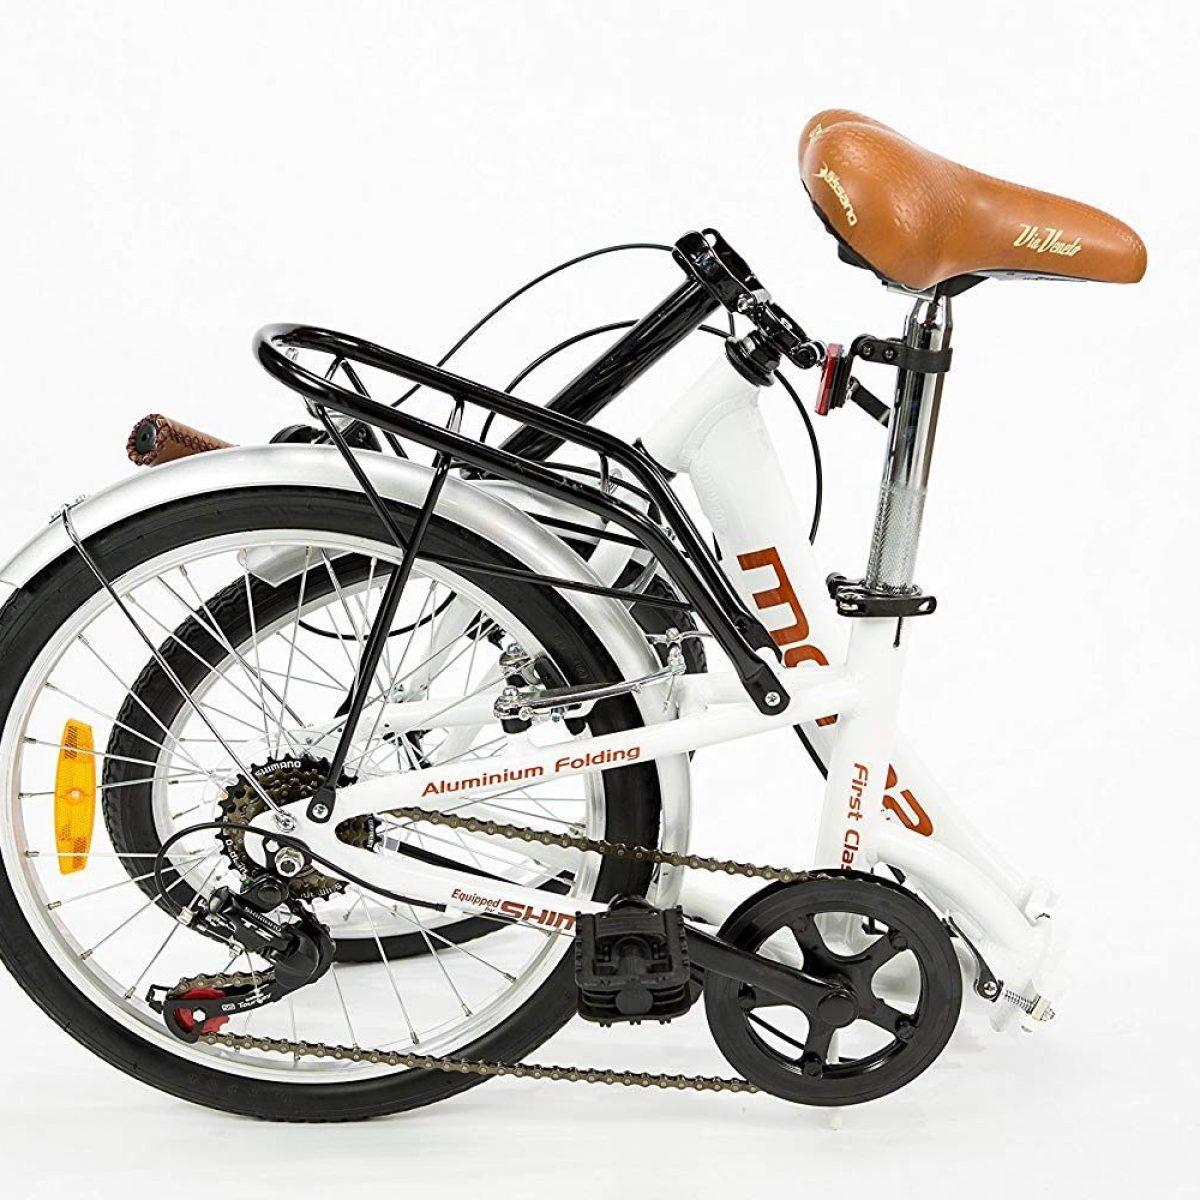 Le Migliori Biciclette Pieghevoli Consigli E Guida Allacquisto